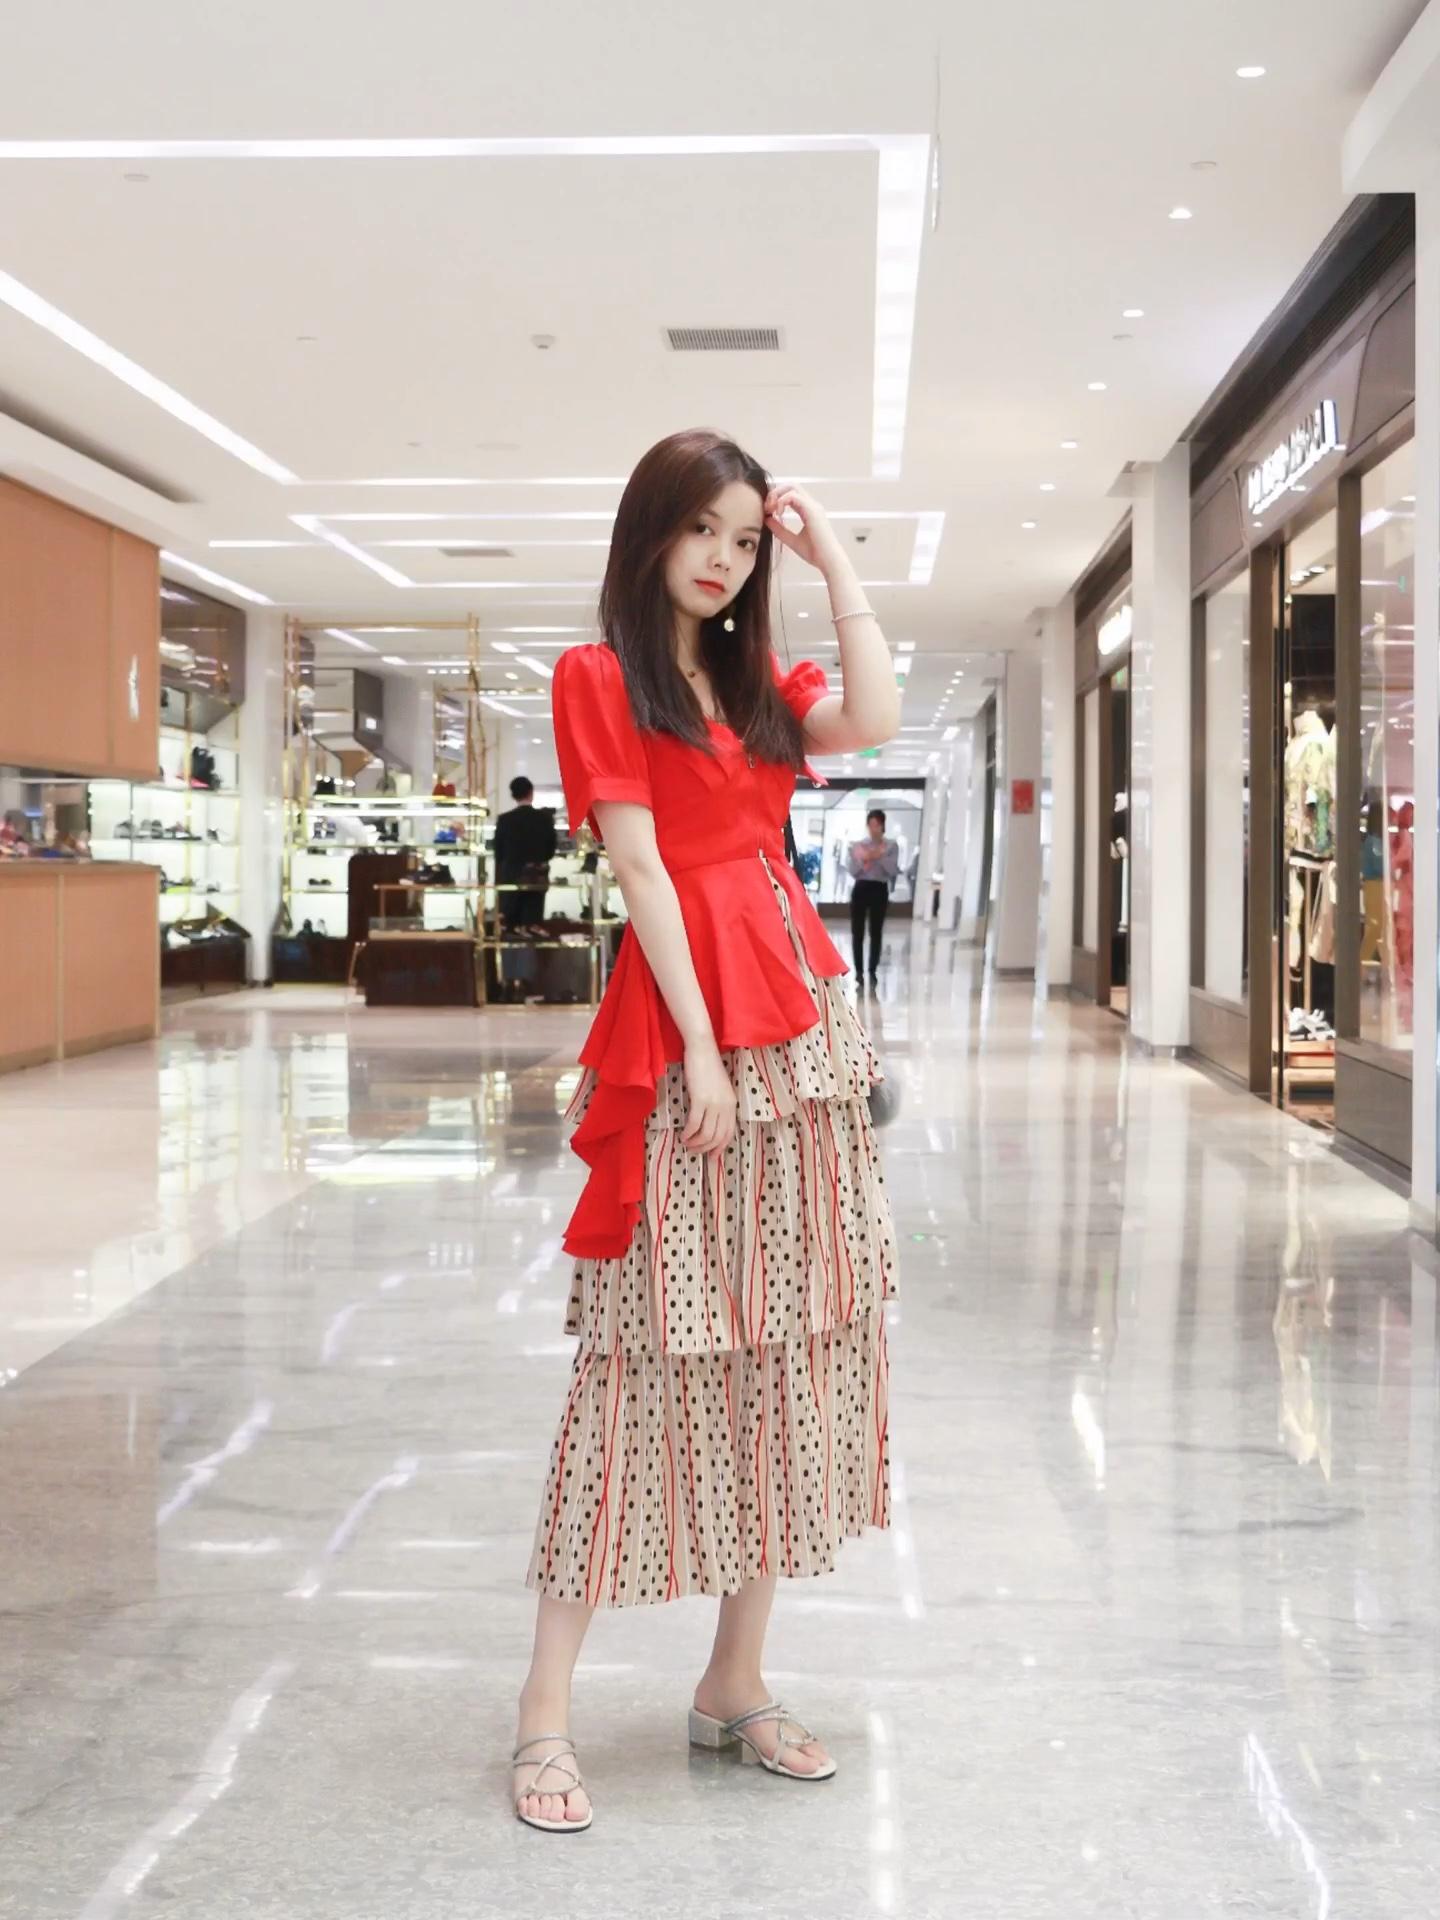 红色泡泡袖可爱,搭配性感深v的短上衣 鱼尾衔接波点蛋糕伞裙遮肉又拉长比例 整套颜色复古,搭配经典芙拉 #美裙上线,承包一夏的仙气#